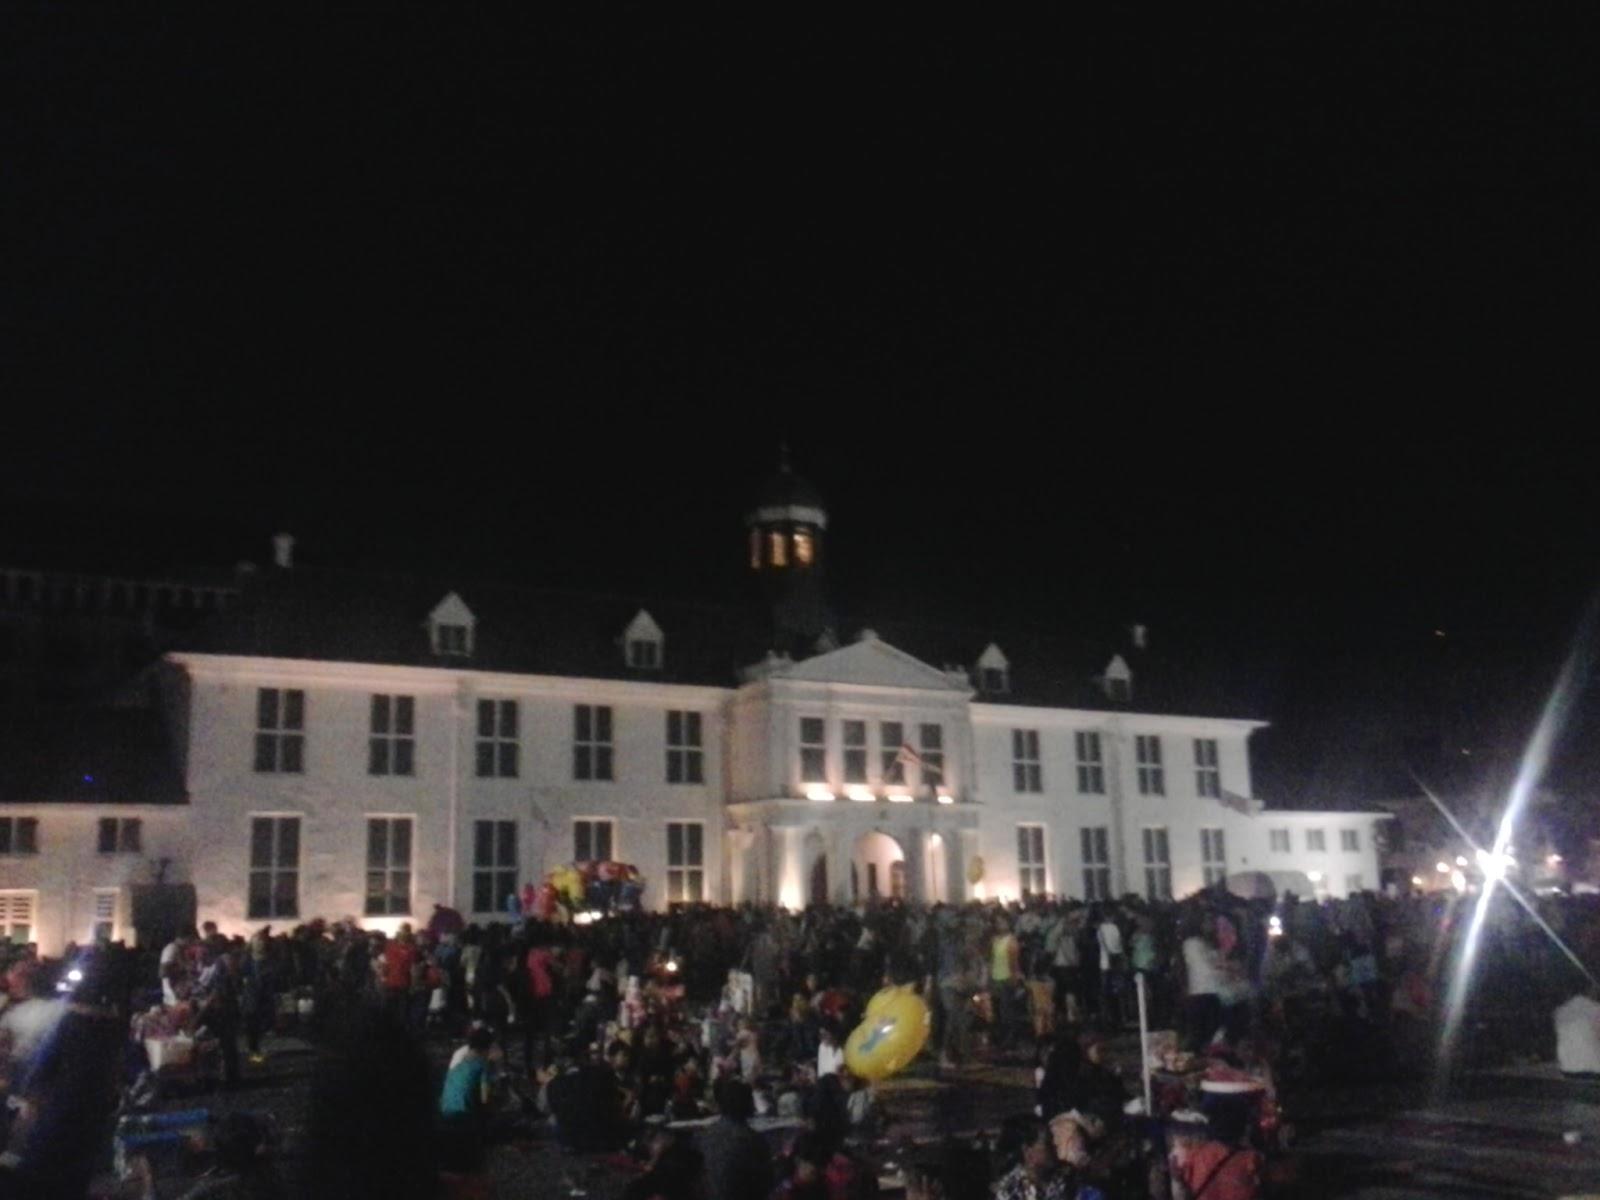 Pesona Kota Tua Jakarta Di Malam Hari ~ Andri Blog